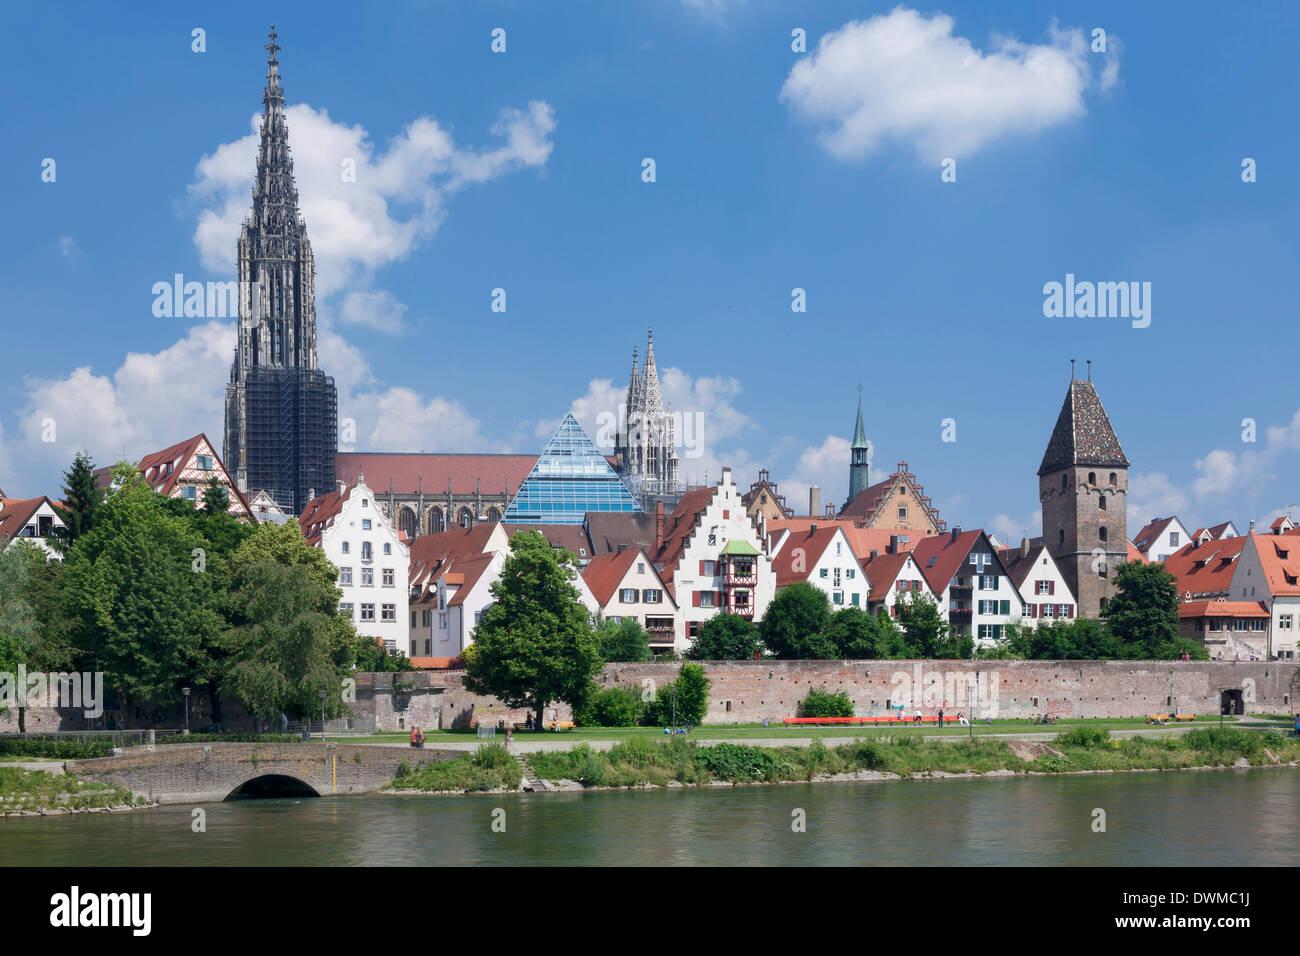 Vista sul Fiume Danubio per la città vecchia di Ulm con Minster (Muenster), Baden Wurttemberg, Germania, Europa Foto Stock